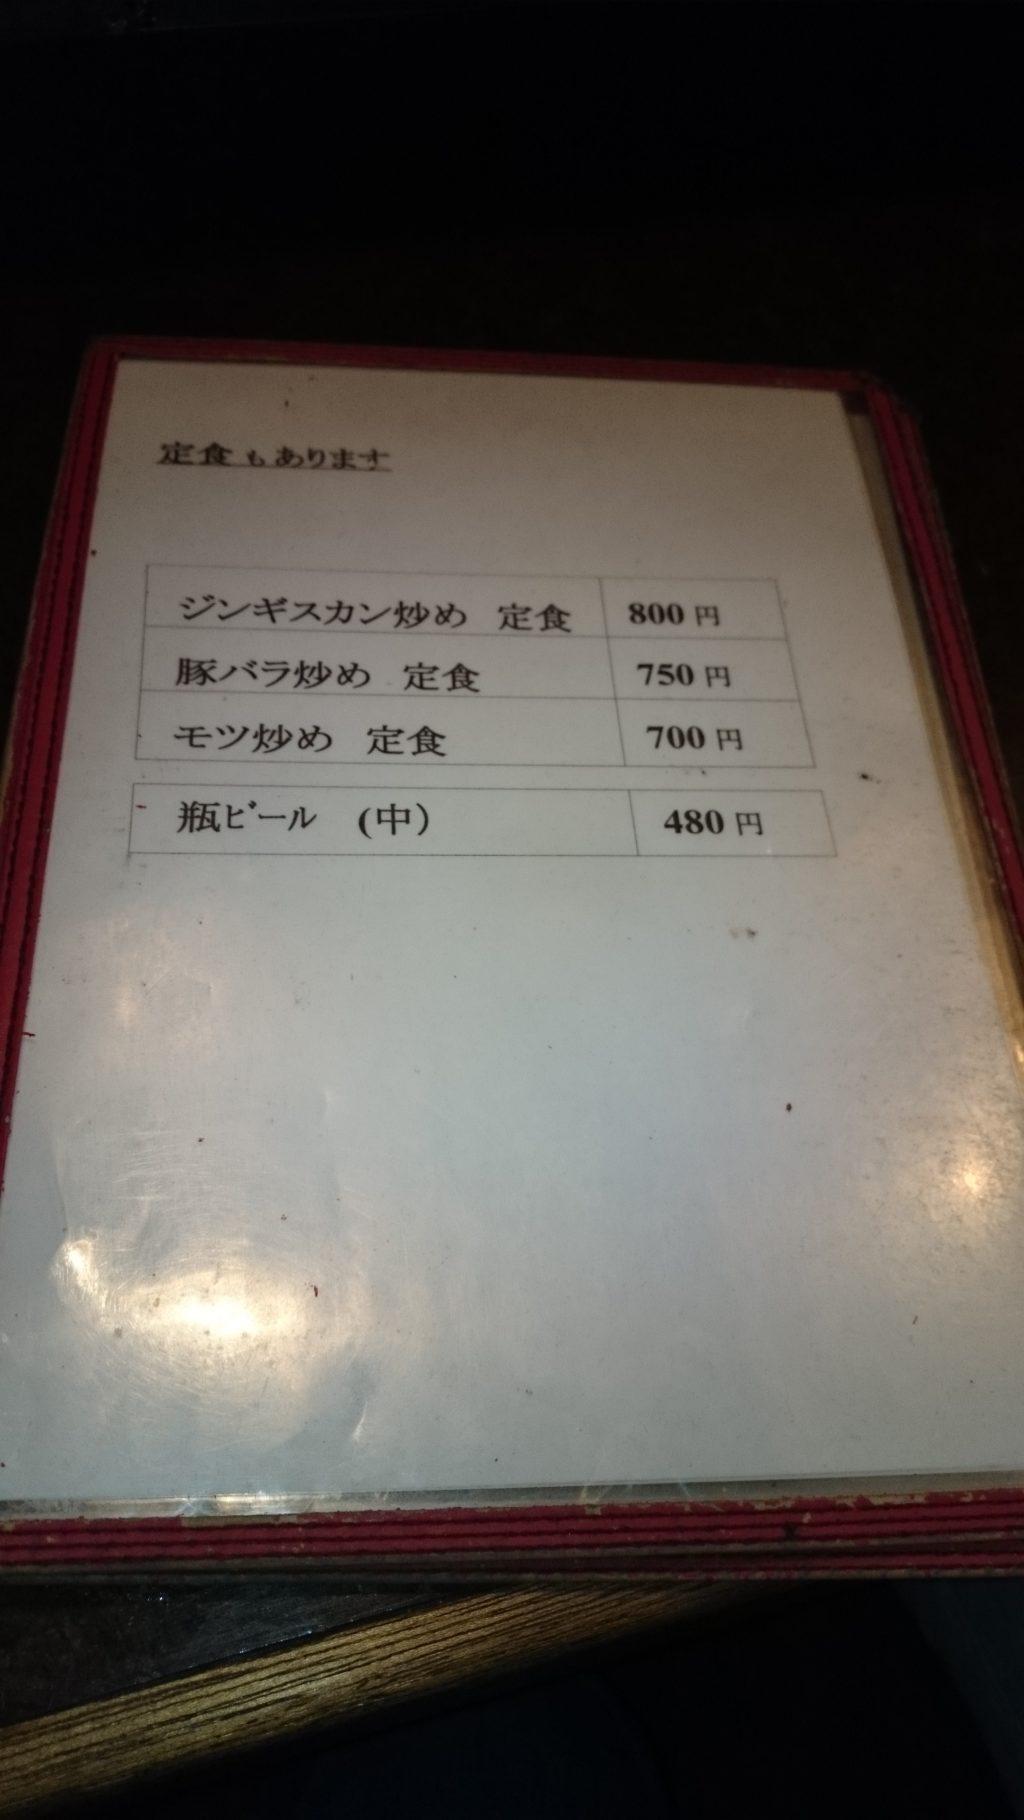 目黒港屋 (めぐろみなとや) メニュー1